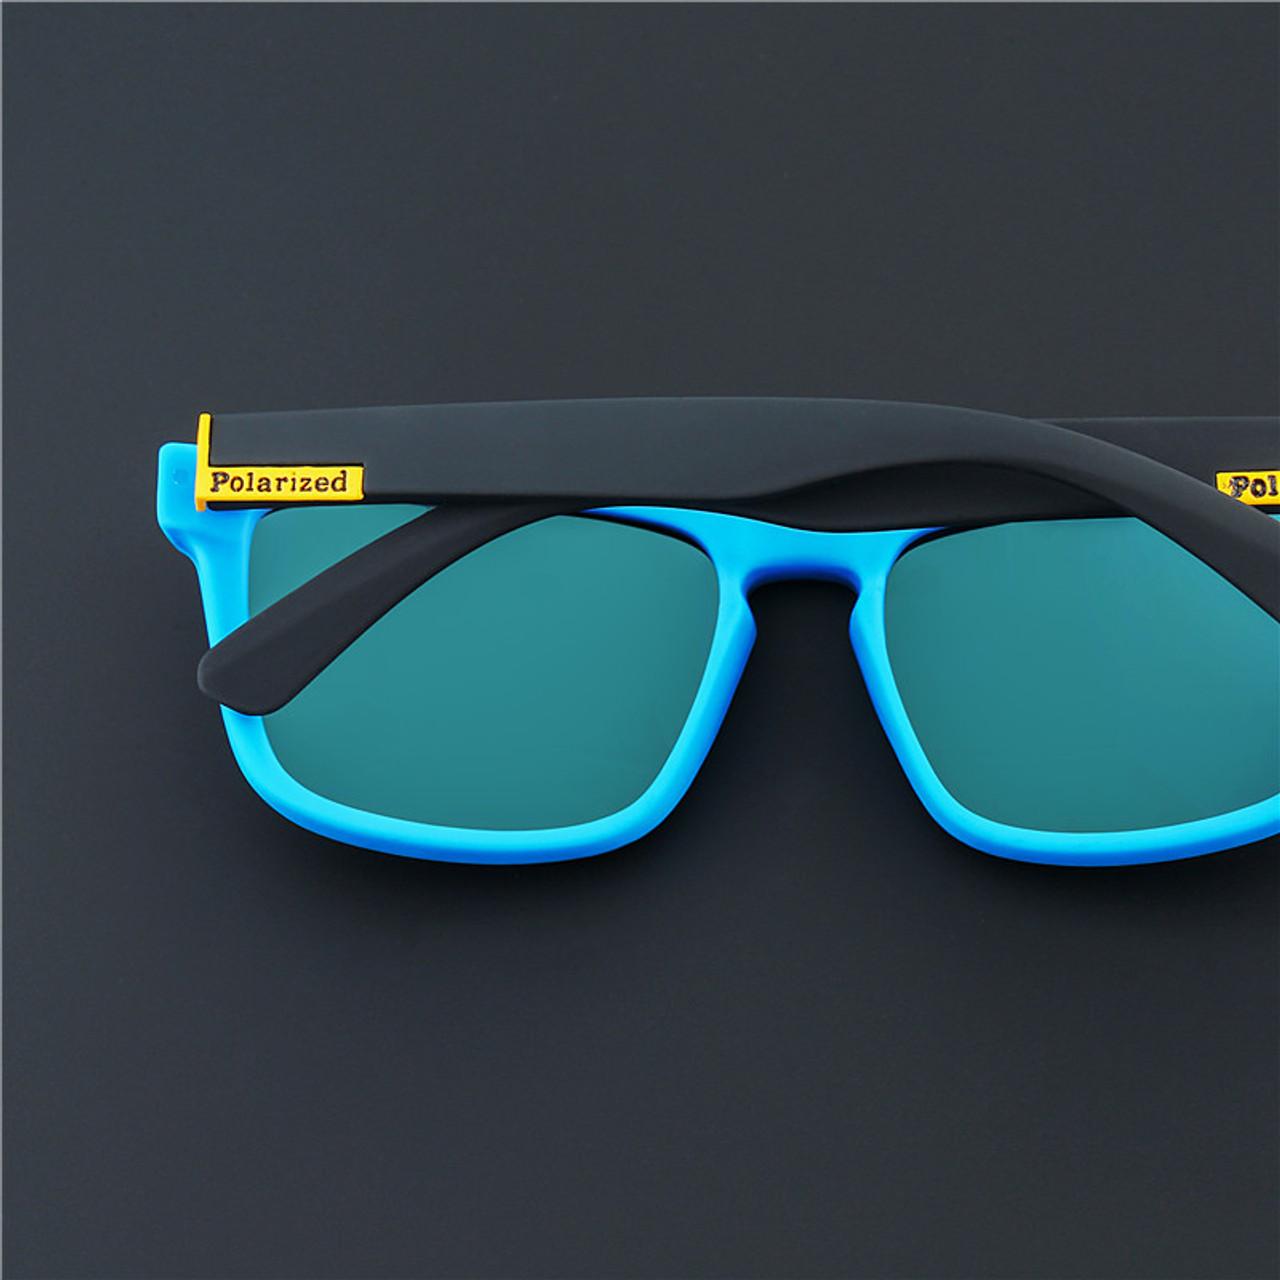 ce0572f406f ... 2019 Polarized Sunglasses Men s Aviation Driving Shades Male Sun Glasses  For Men Retro Cheap Luxury Women ...